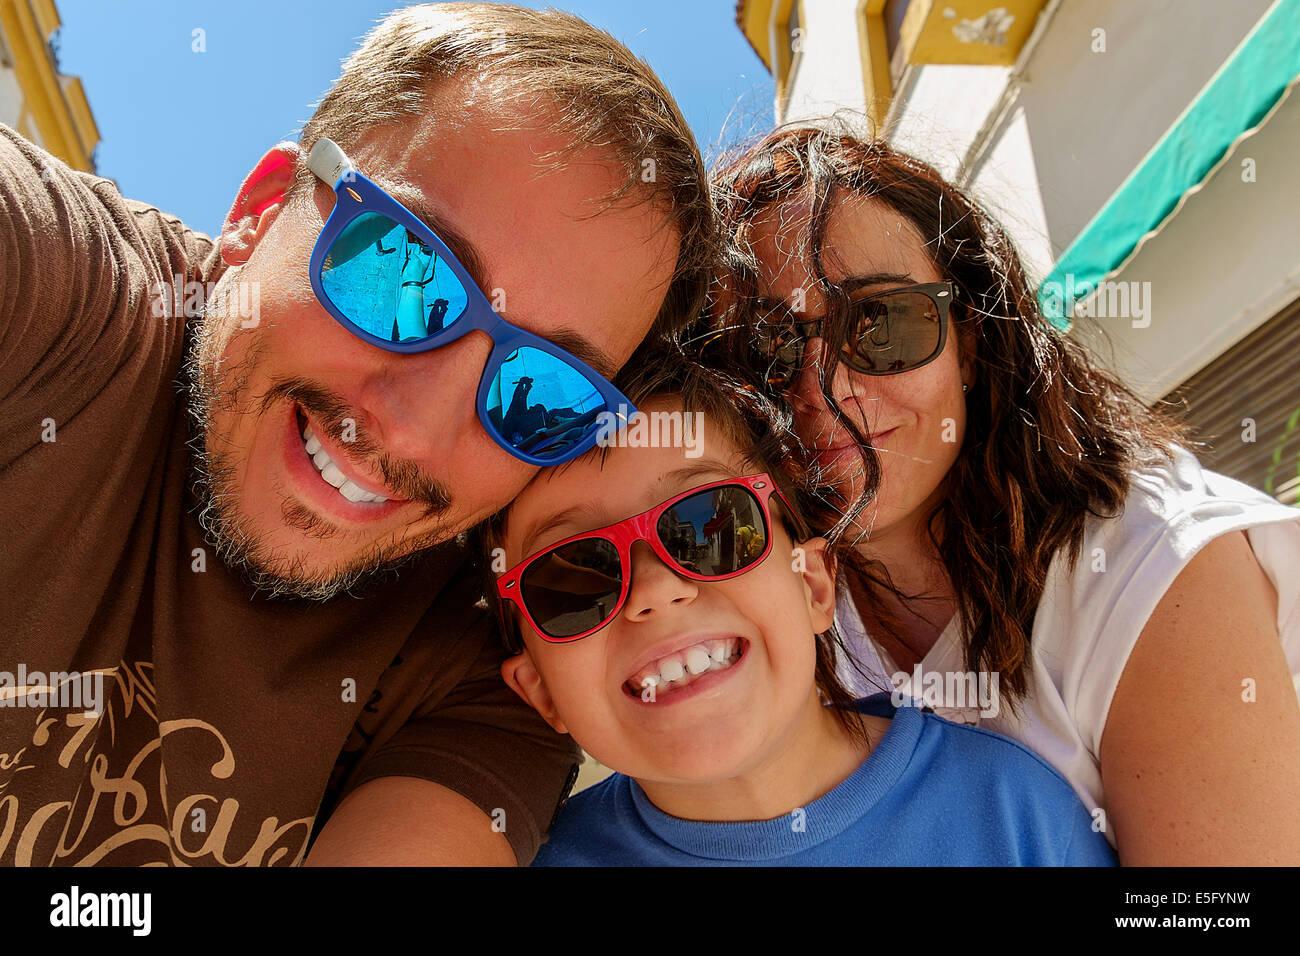 Familie Spaß Sonnenbrille & winkt eine Kamera unter Selfie fotografieren im Sommerurlaub Stockbild